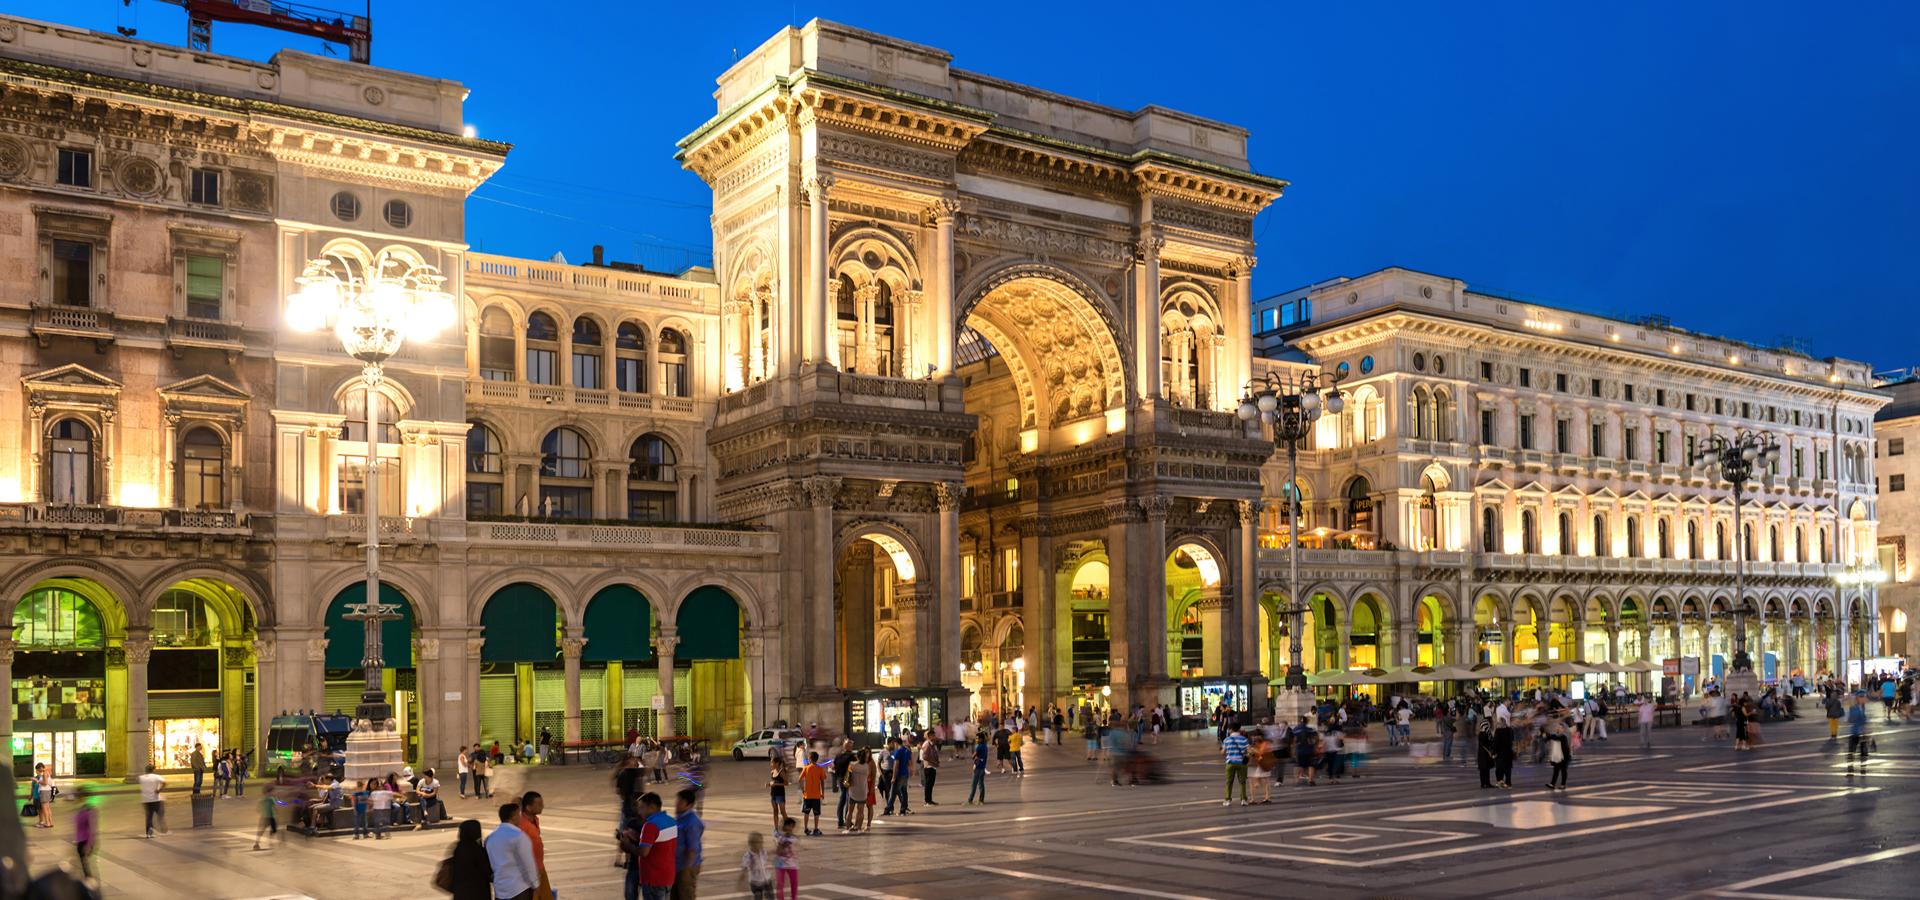 Peer-to-peer advisory in Milan, Italy